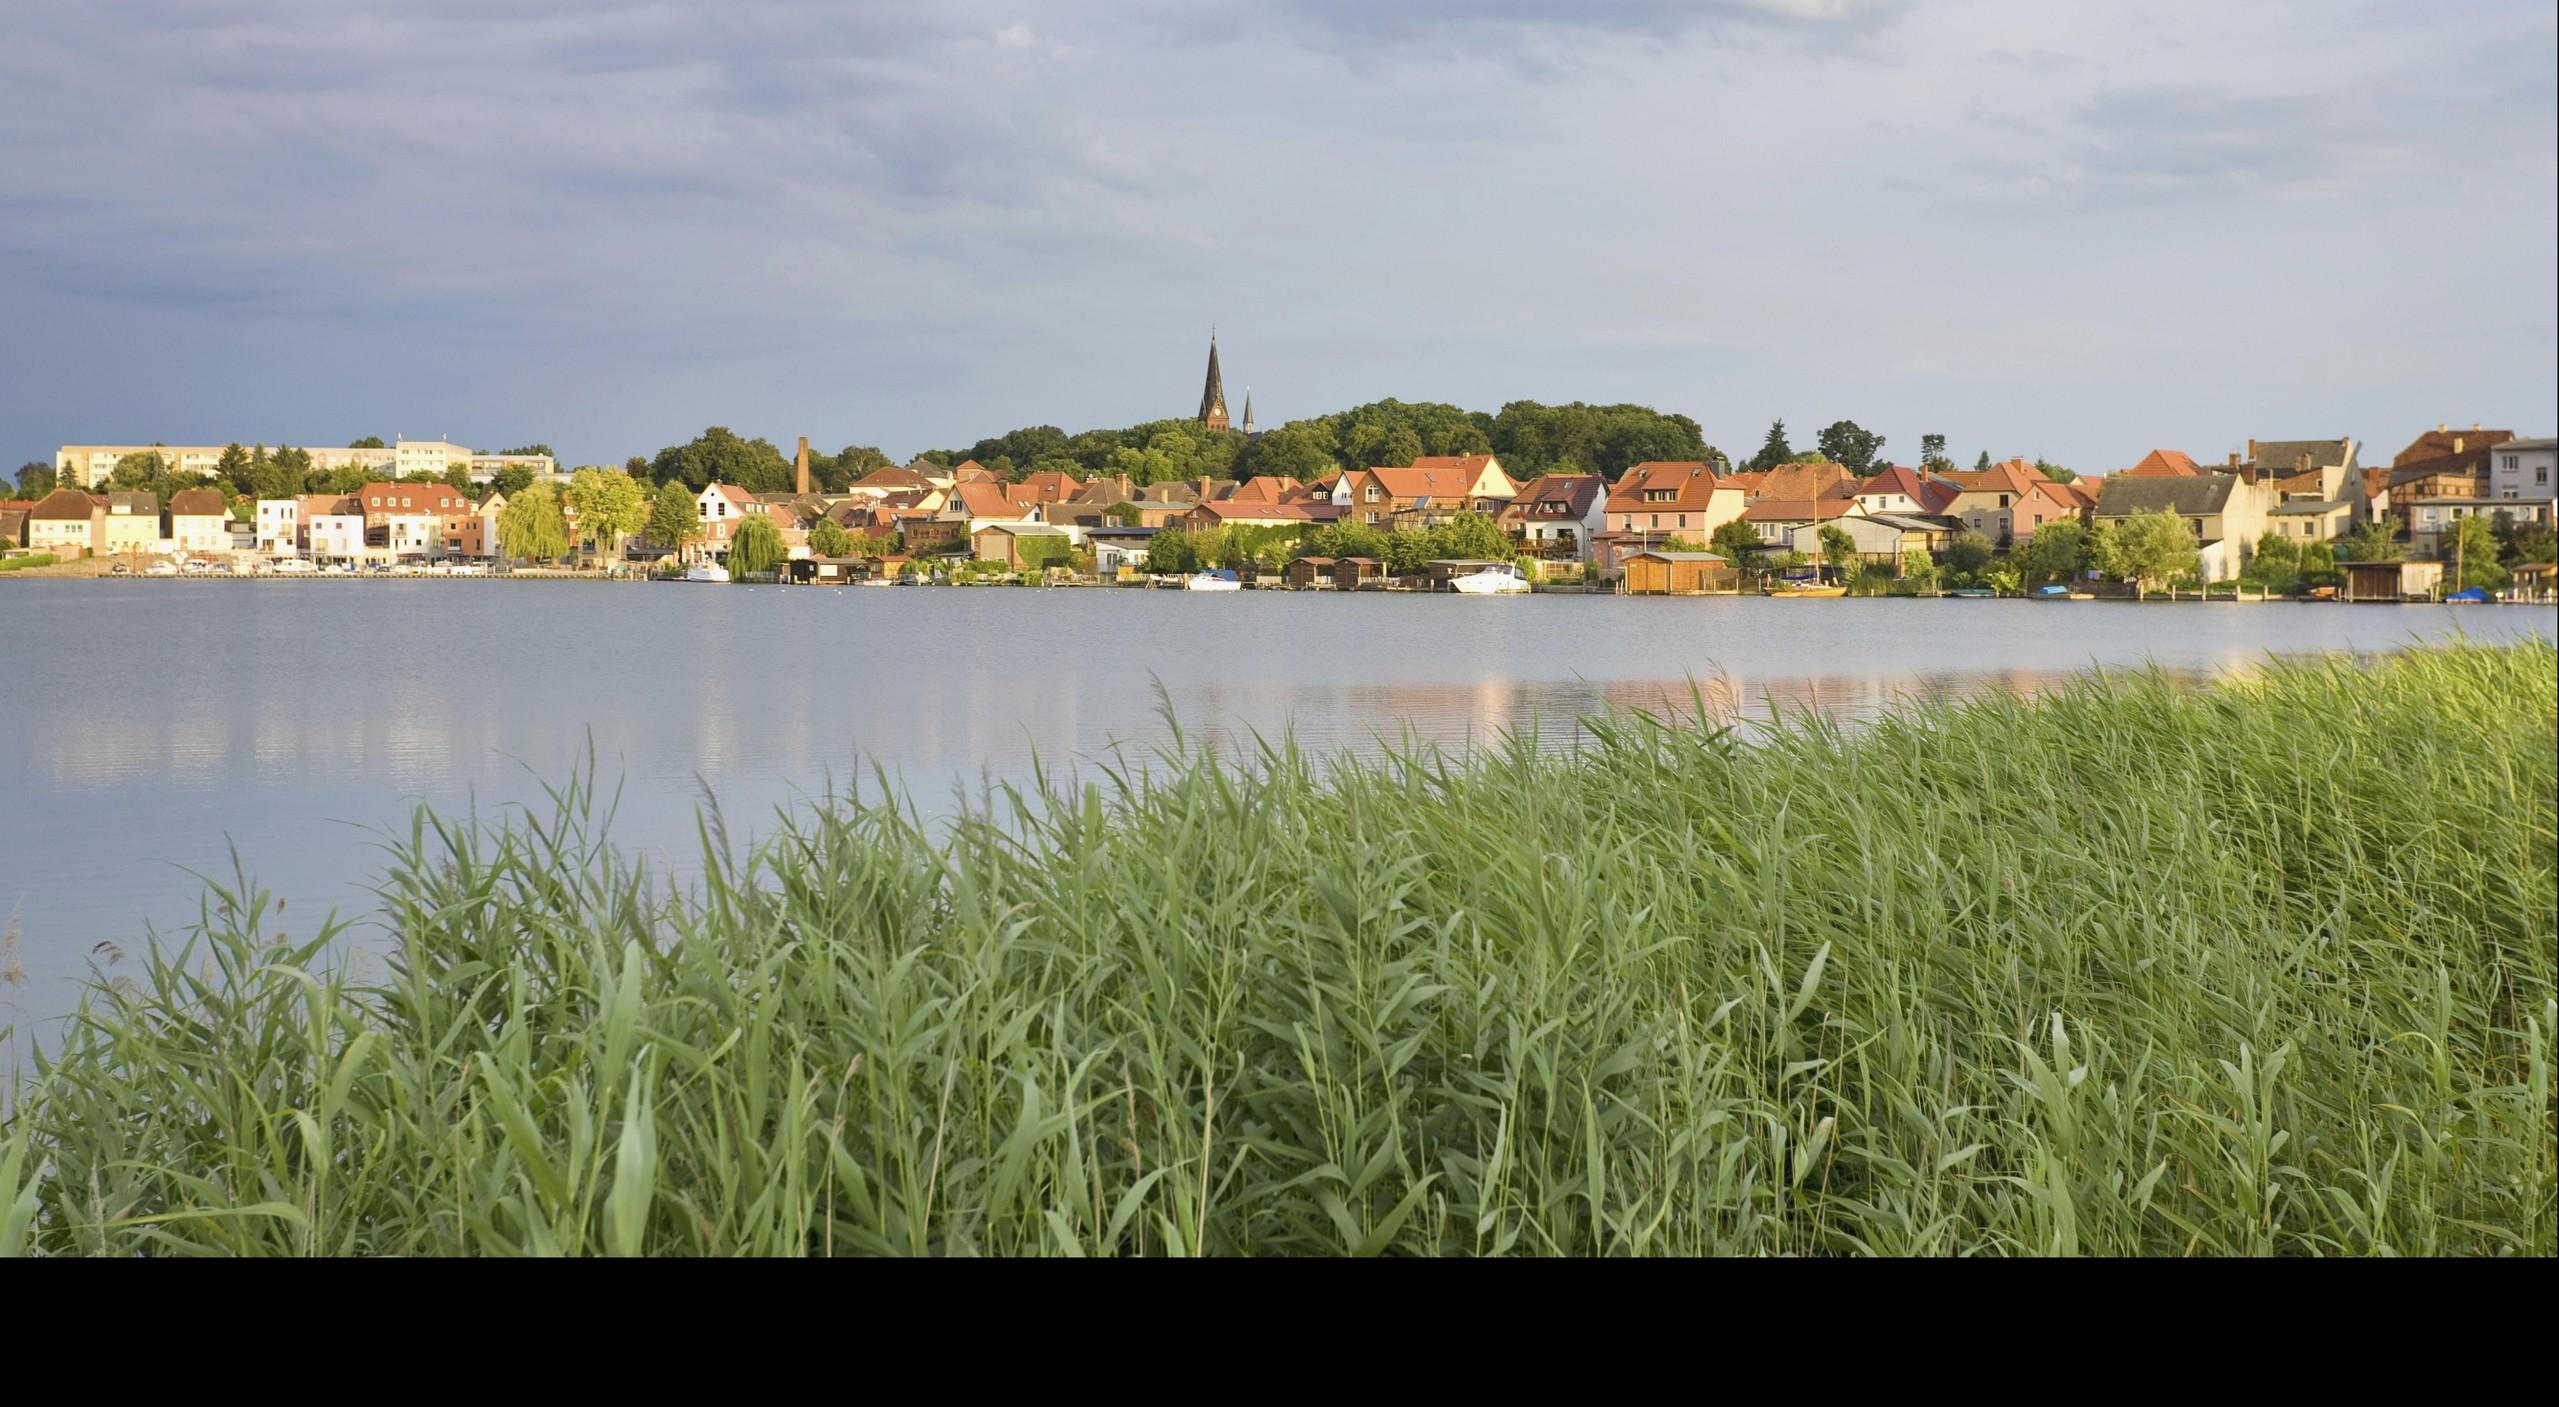 Hotel- und Sportresort Fleesensee in Malchow, Standortbeschreibung Bild 3